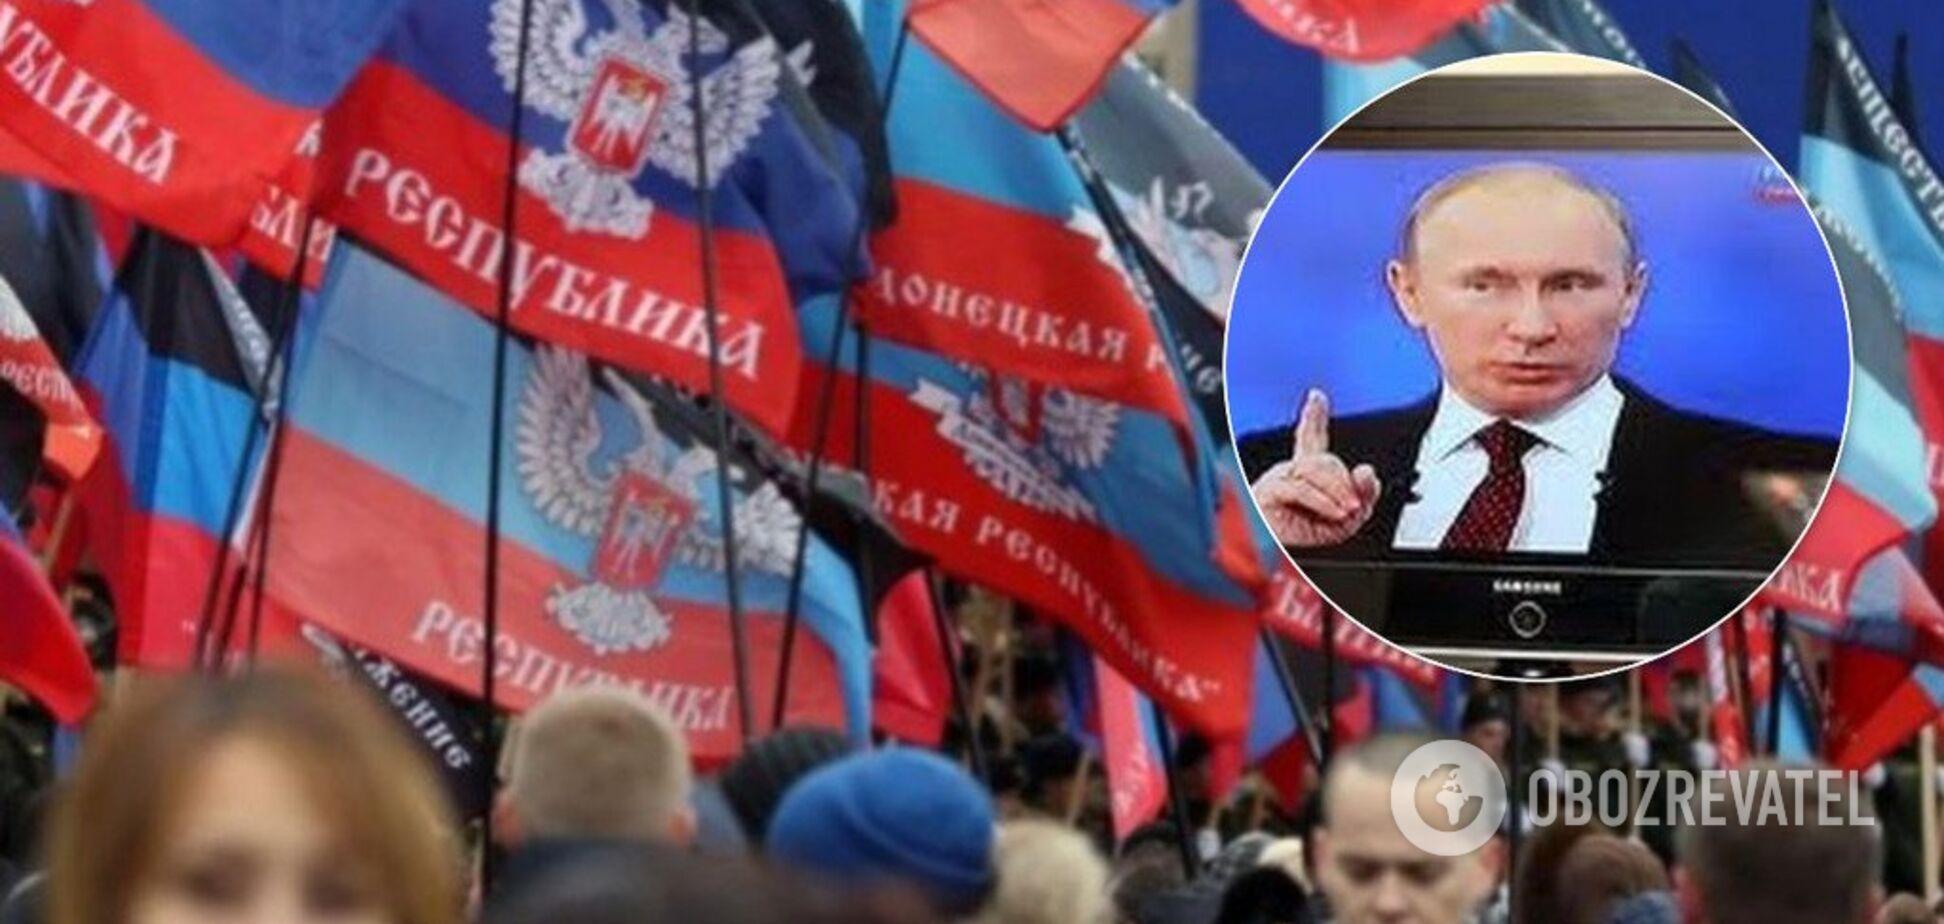 'Украине полная хана': волонтер заявил об 'архиважной' проблеме Донбасса